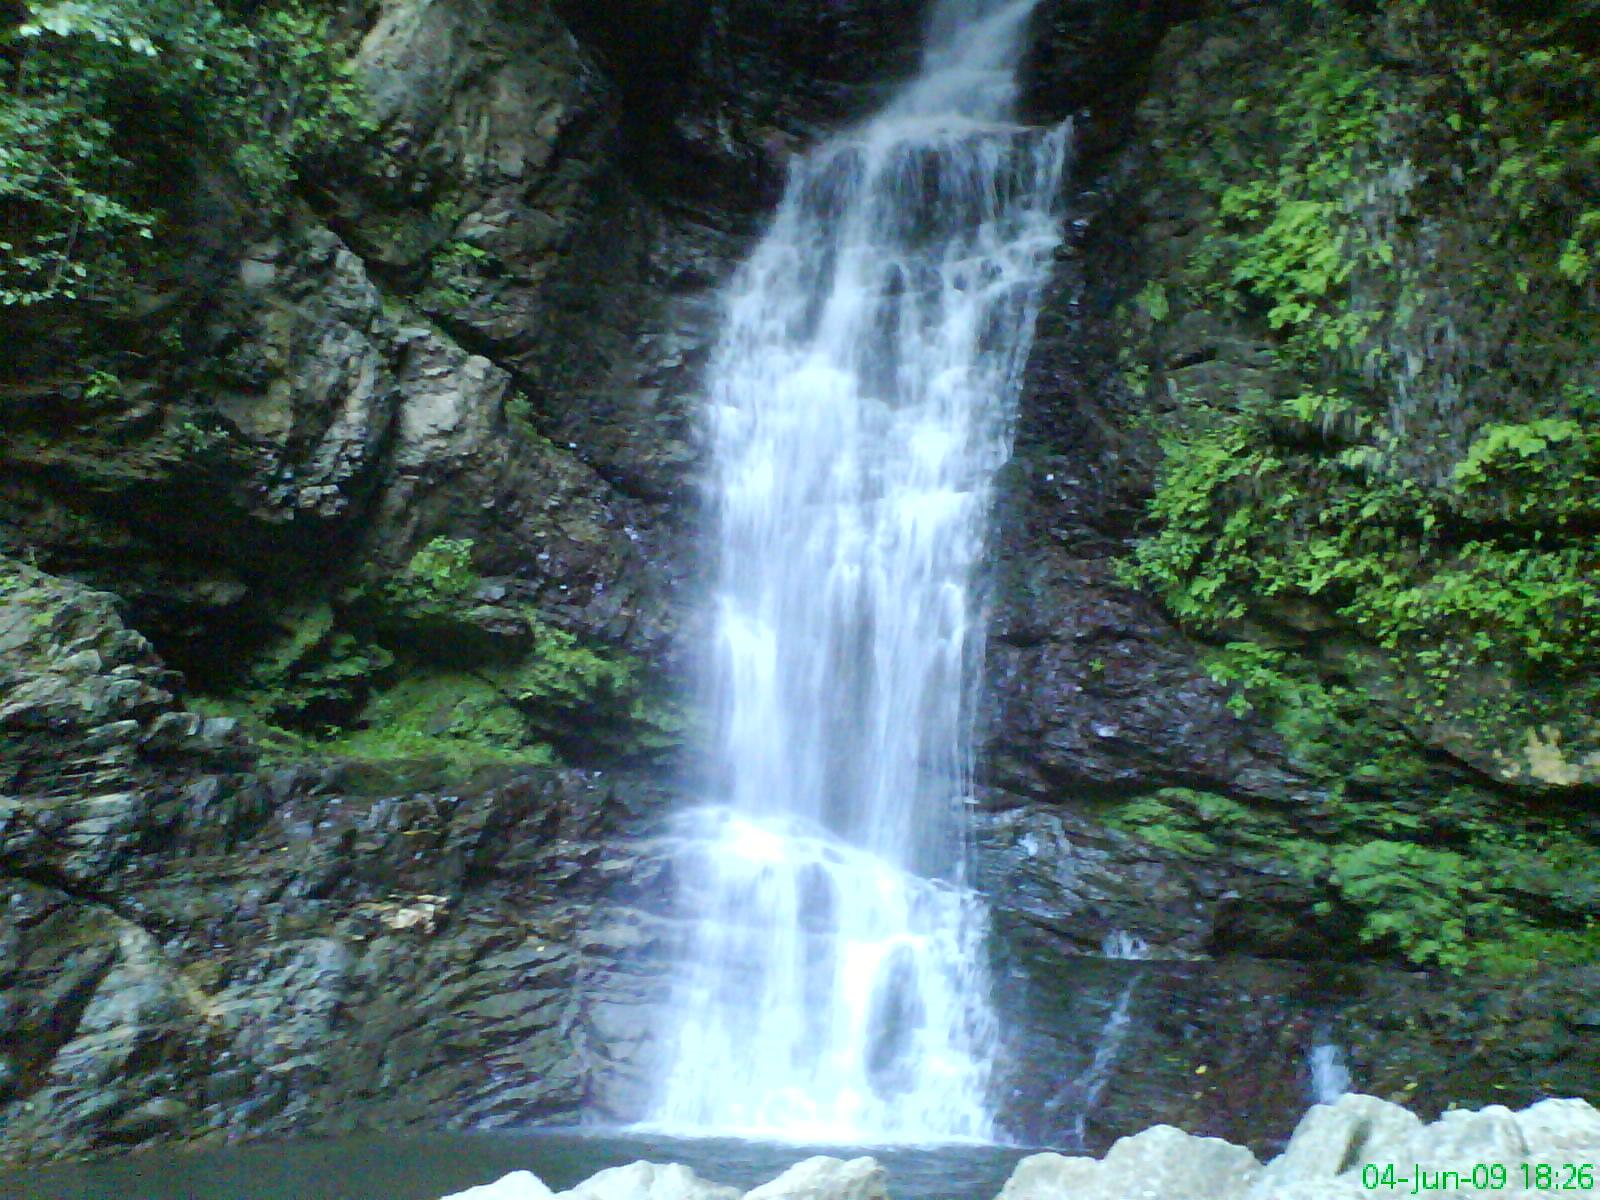 تور دریاچه عروس تا آبشار ۲۱ خرداد ۱۴۰۰